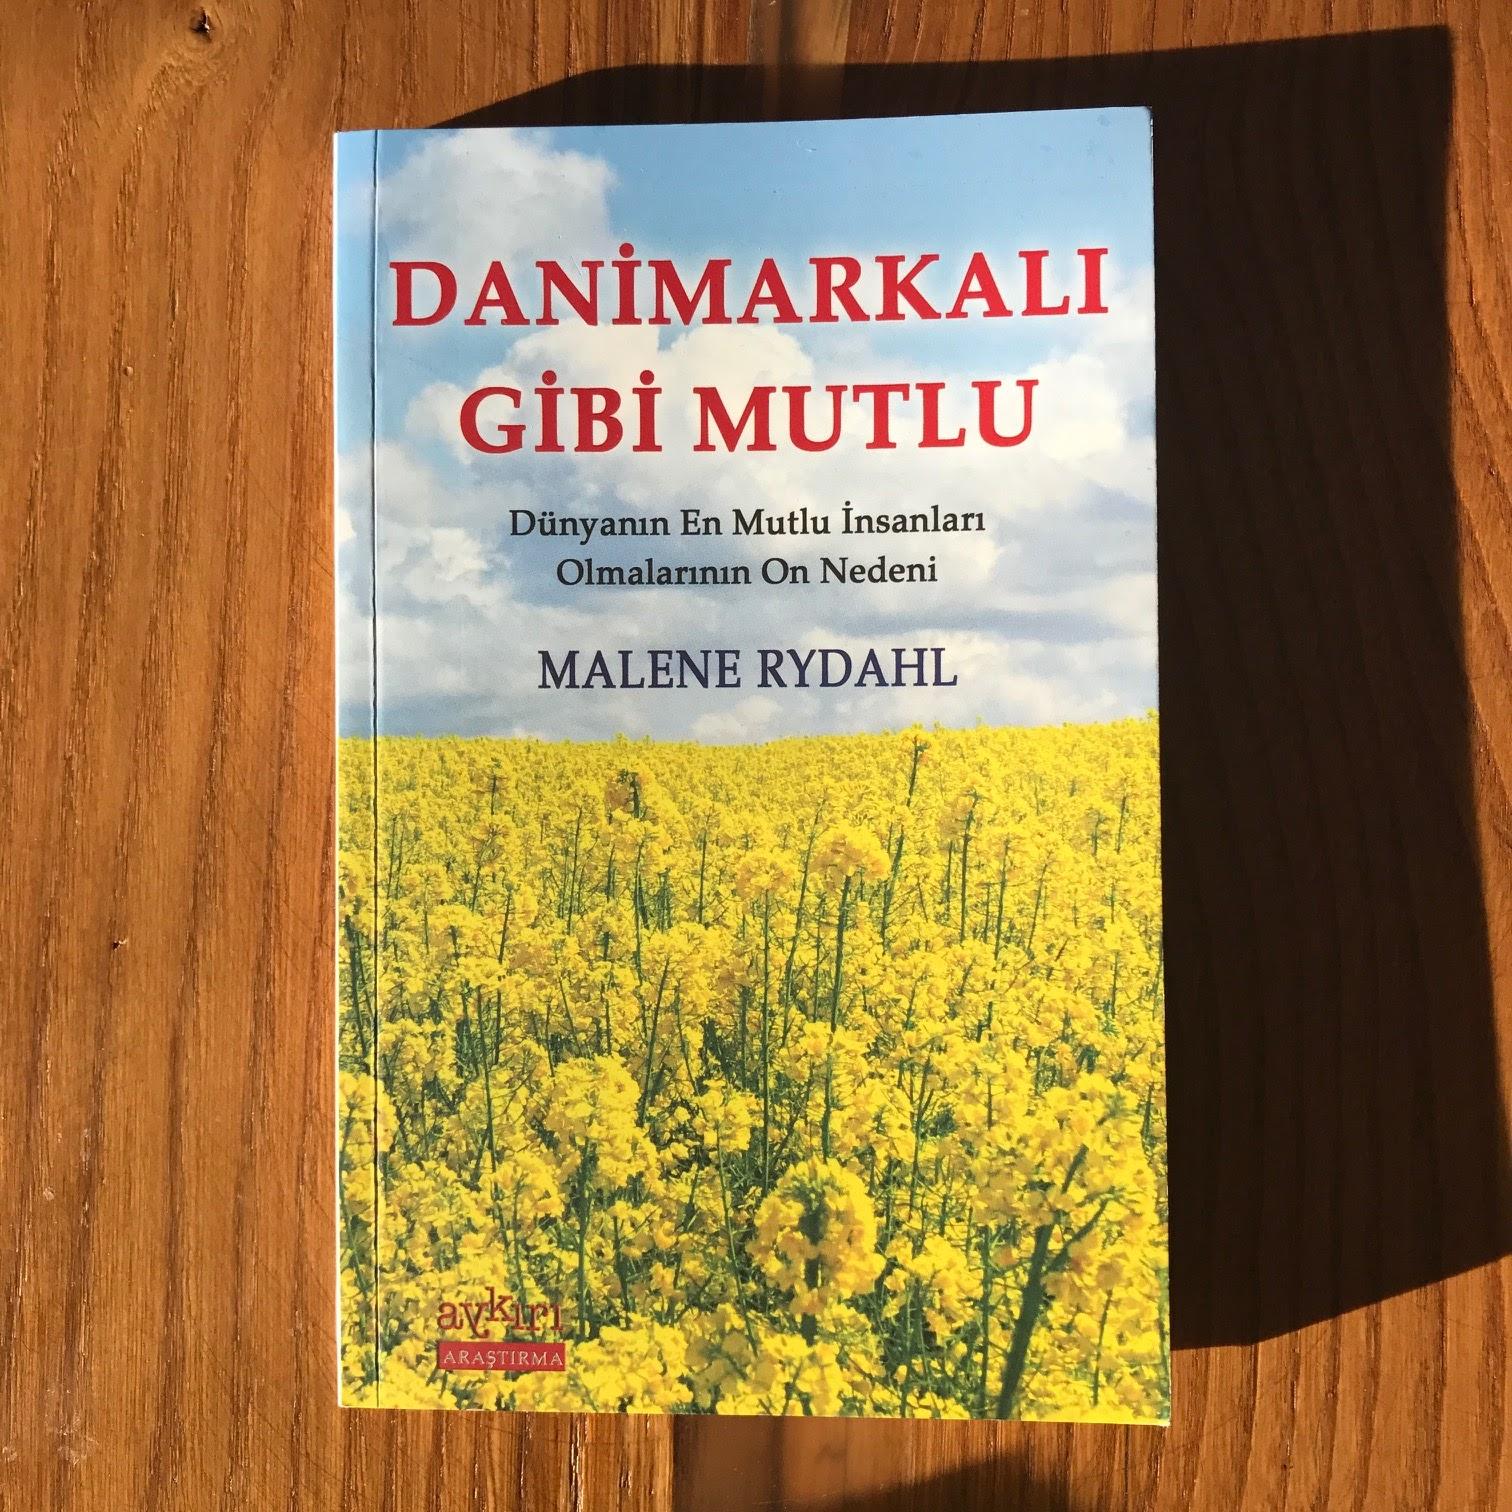 Danimarkali Gibi Mutlu - Dunyanin En Mutlu Insanlari Olmalarinin On Nedeni (Kitap)